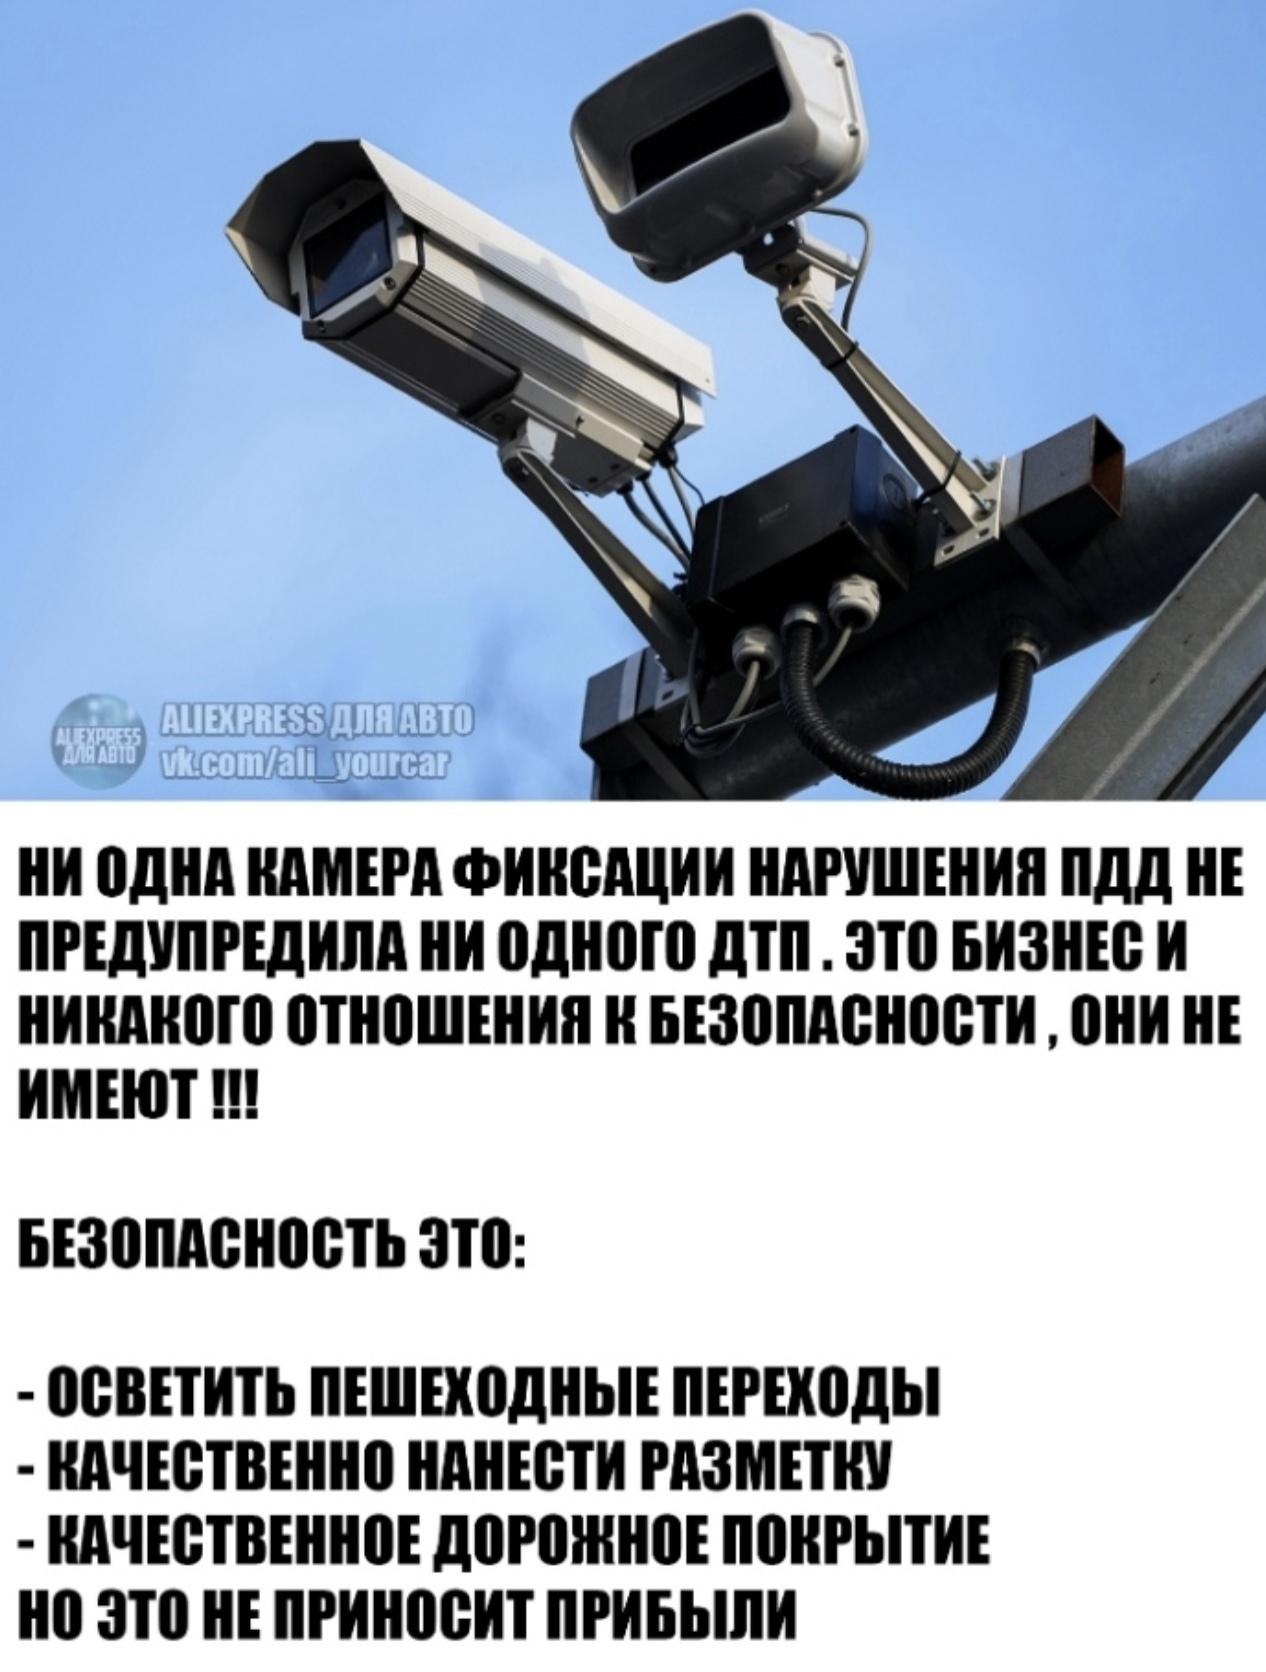 Рамка для гос номера с регулируемым наклоном используют для скрытия от камер